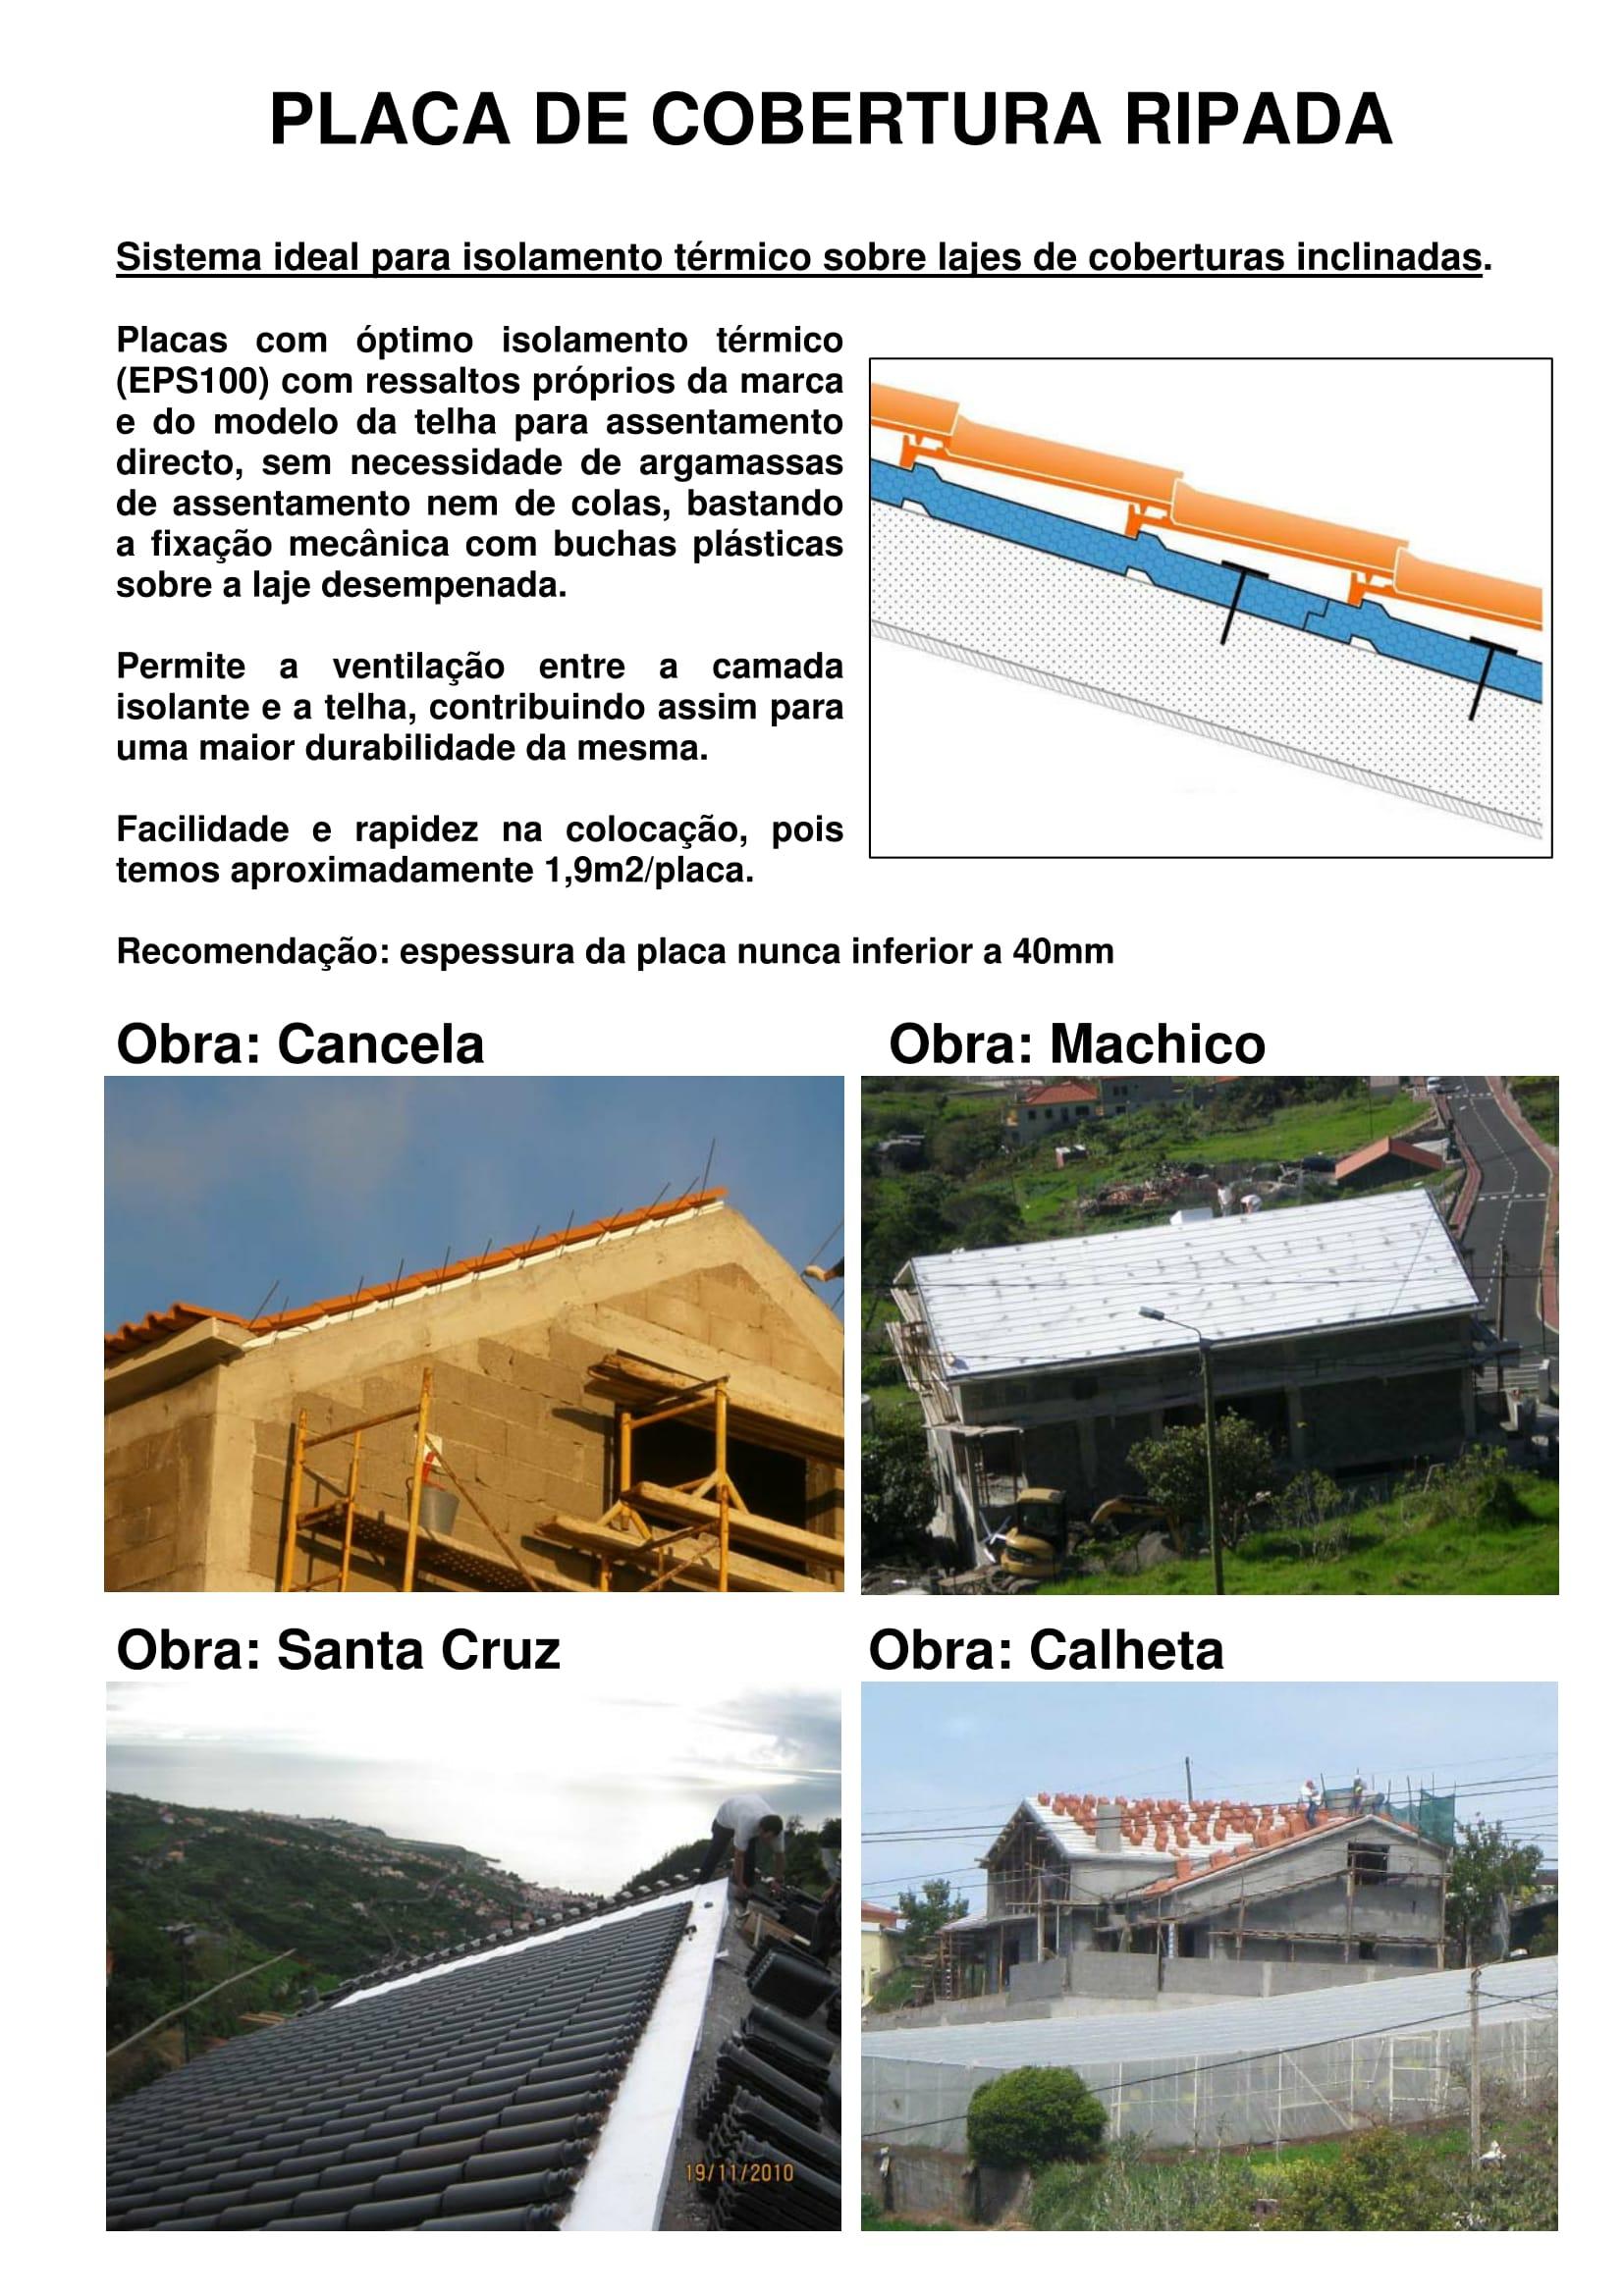 Placa de Cobertura RIPADA - Obras